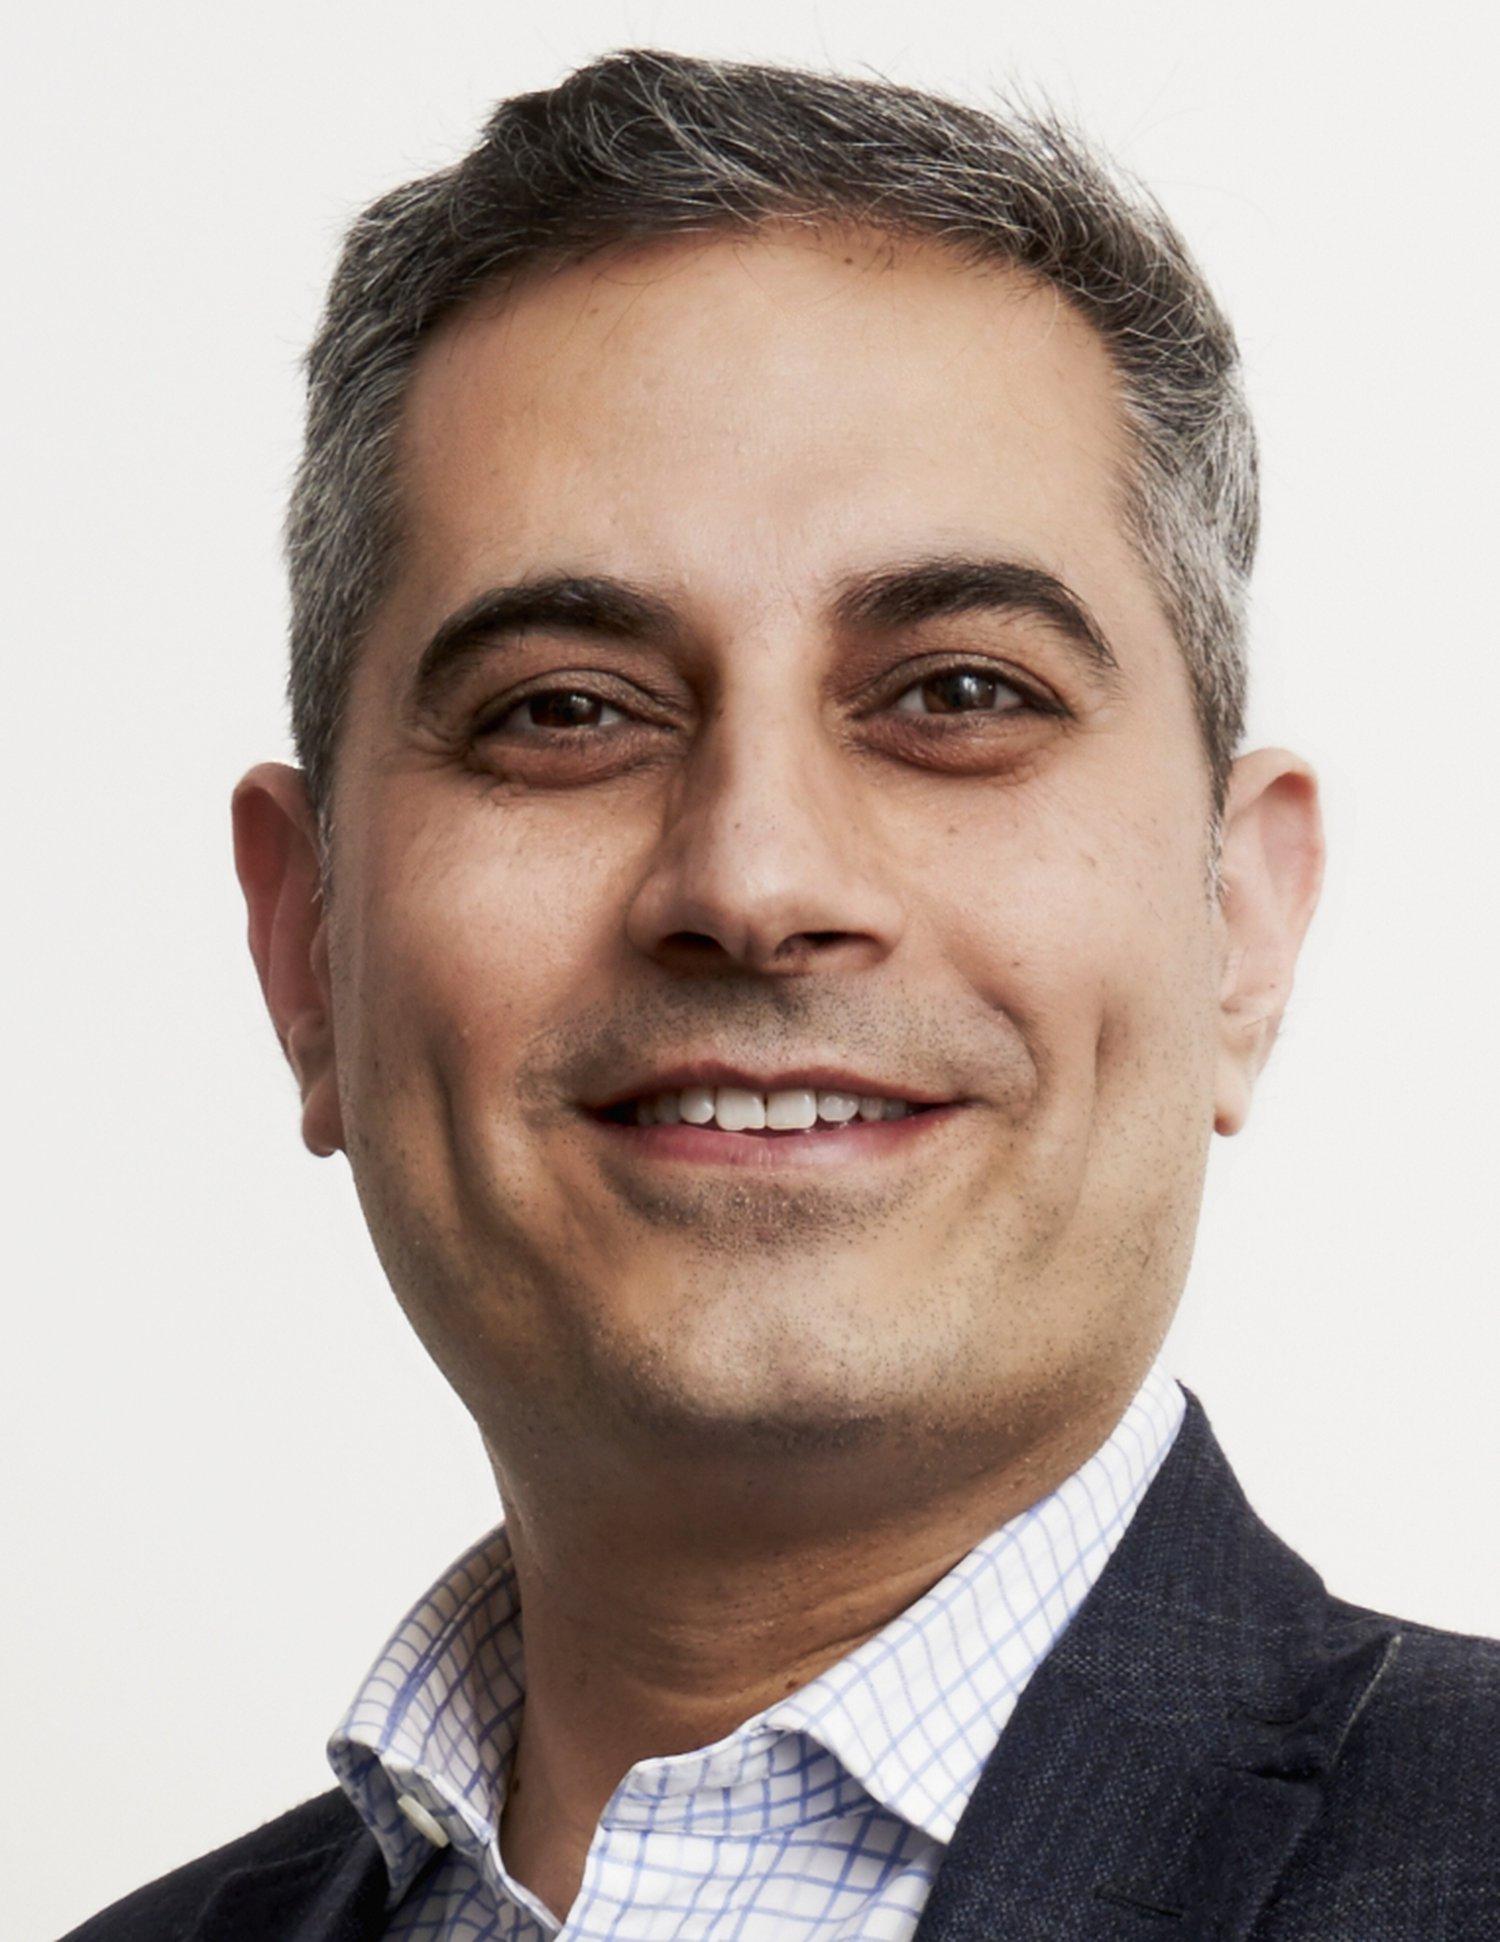 Dr. Vishal Gulati